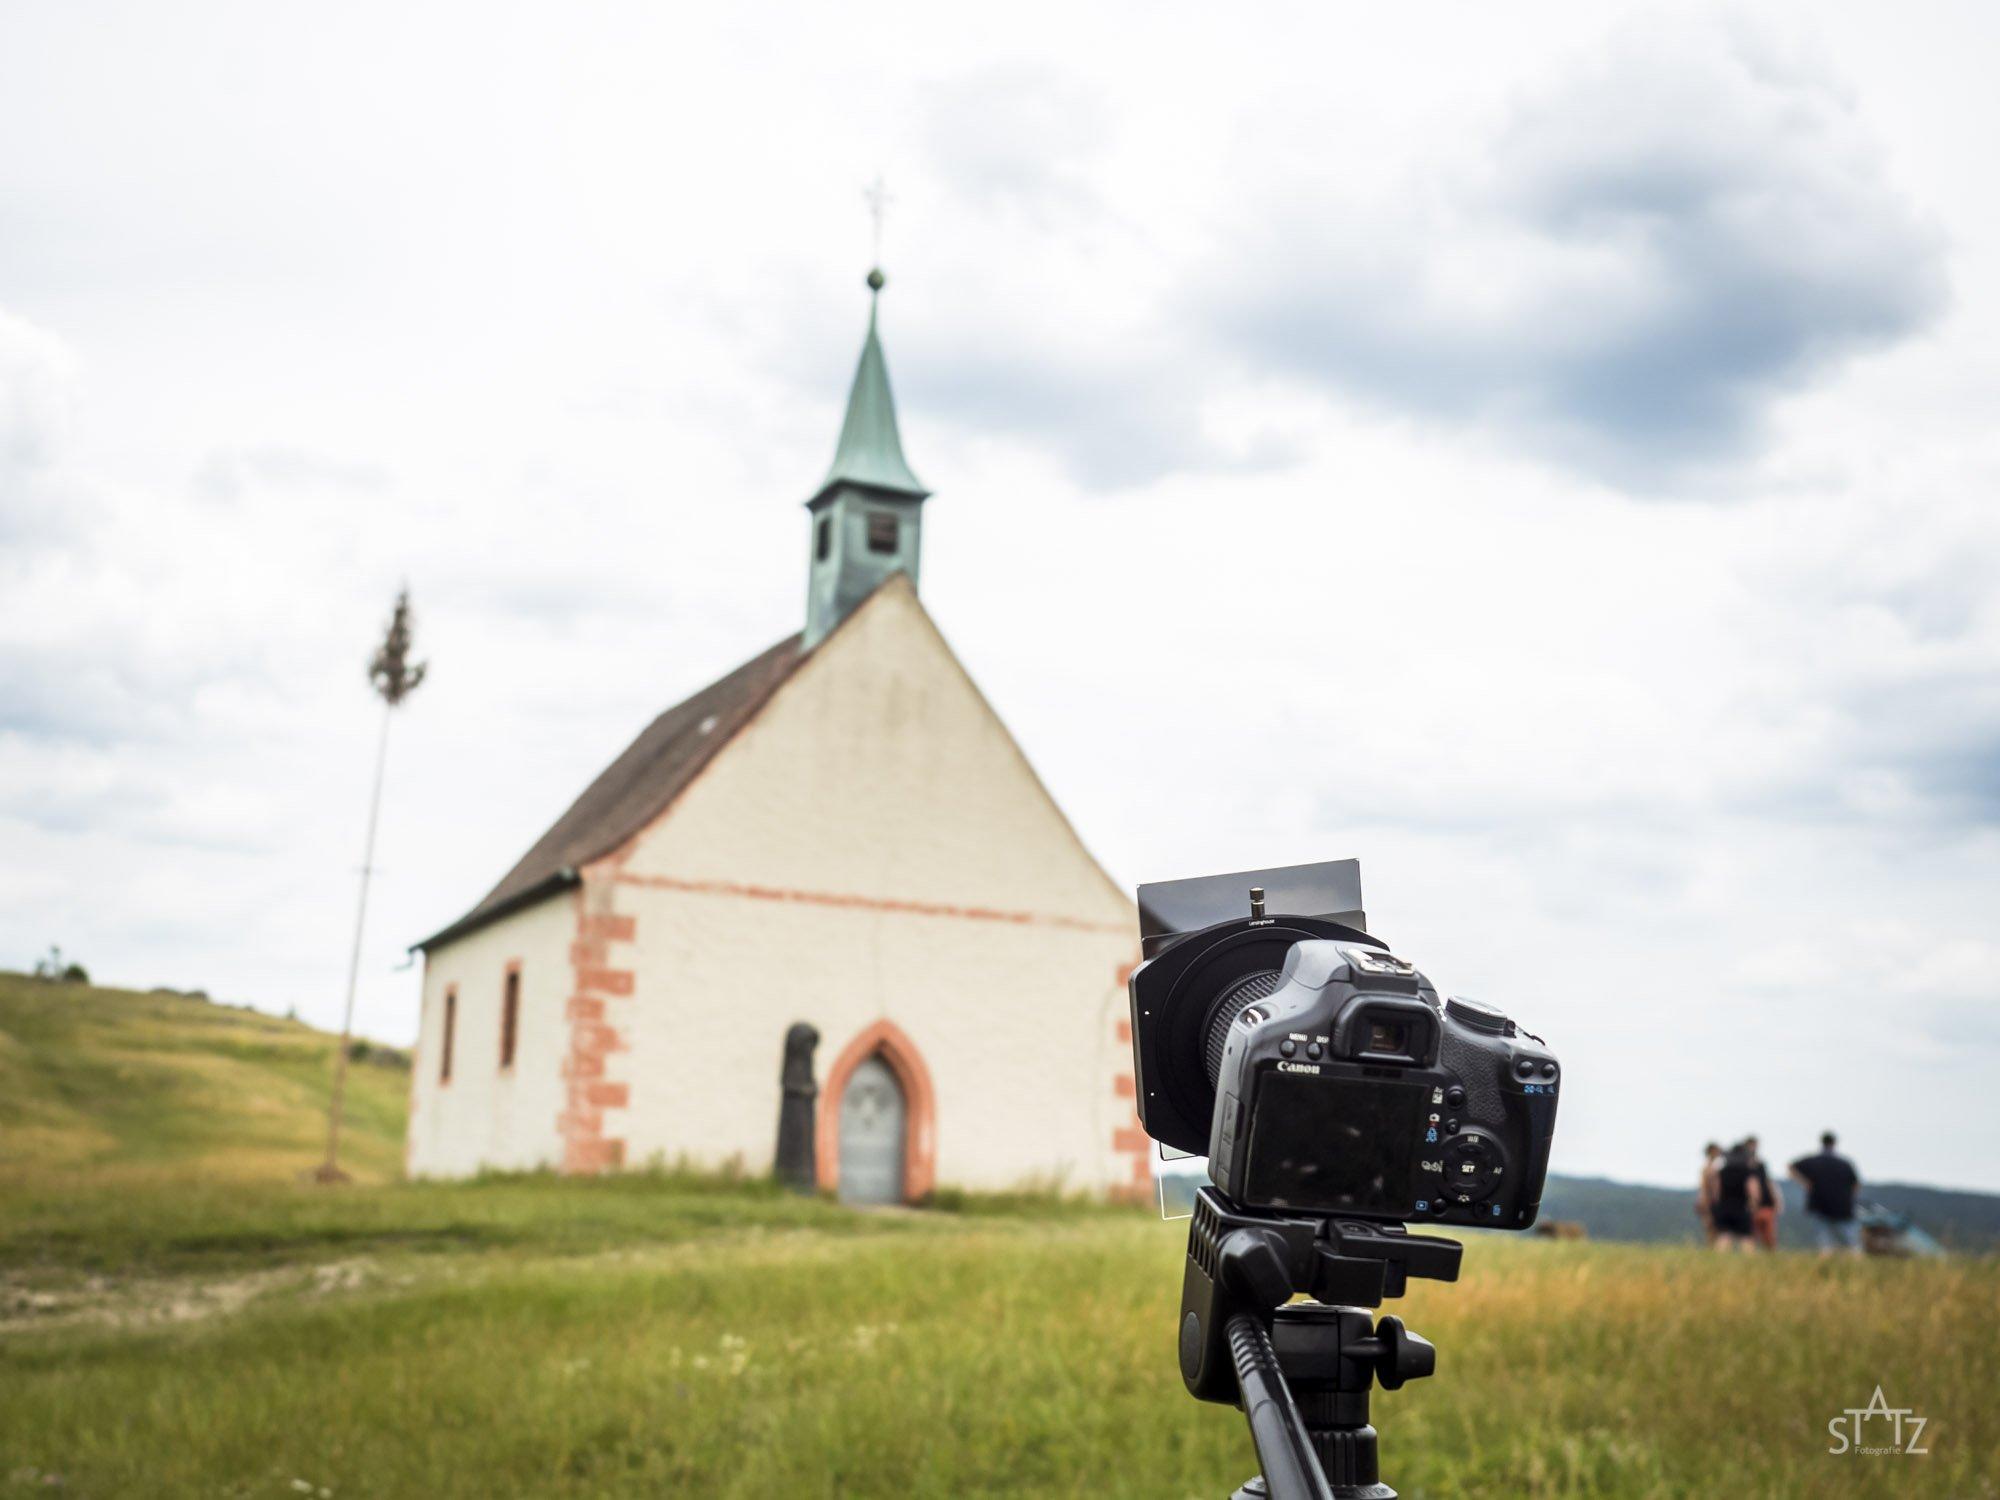 Landschaftsfotografie mit Uwe Statz fotogena Akademie